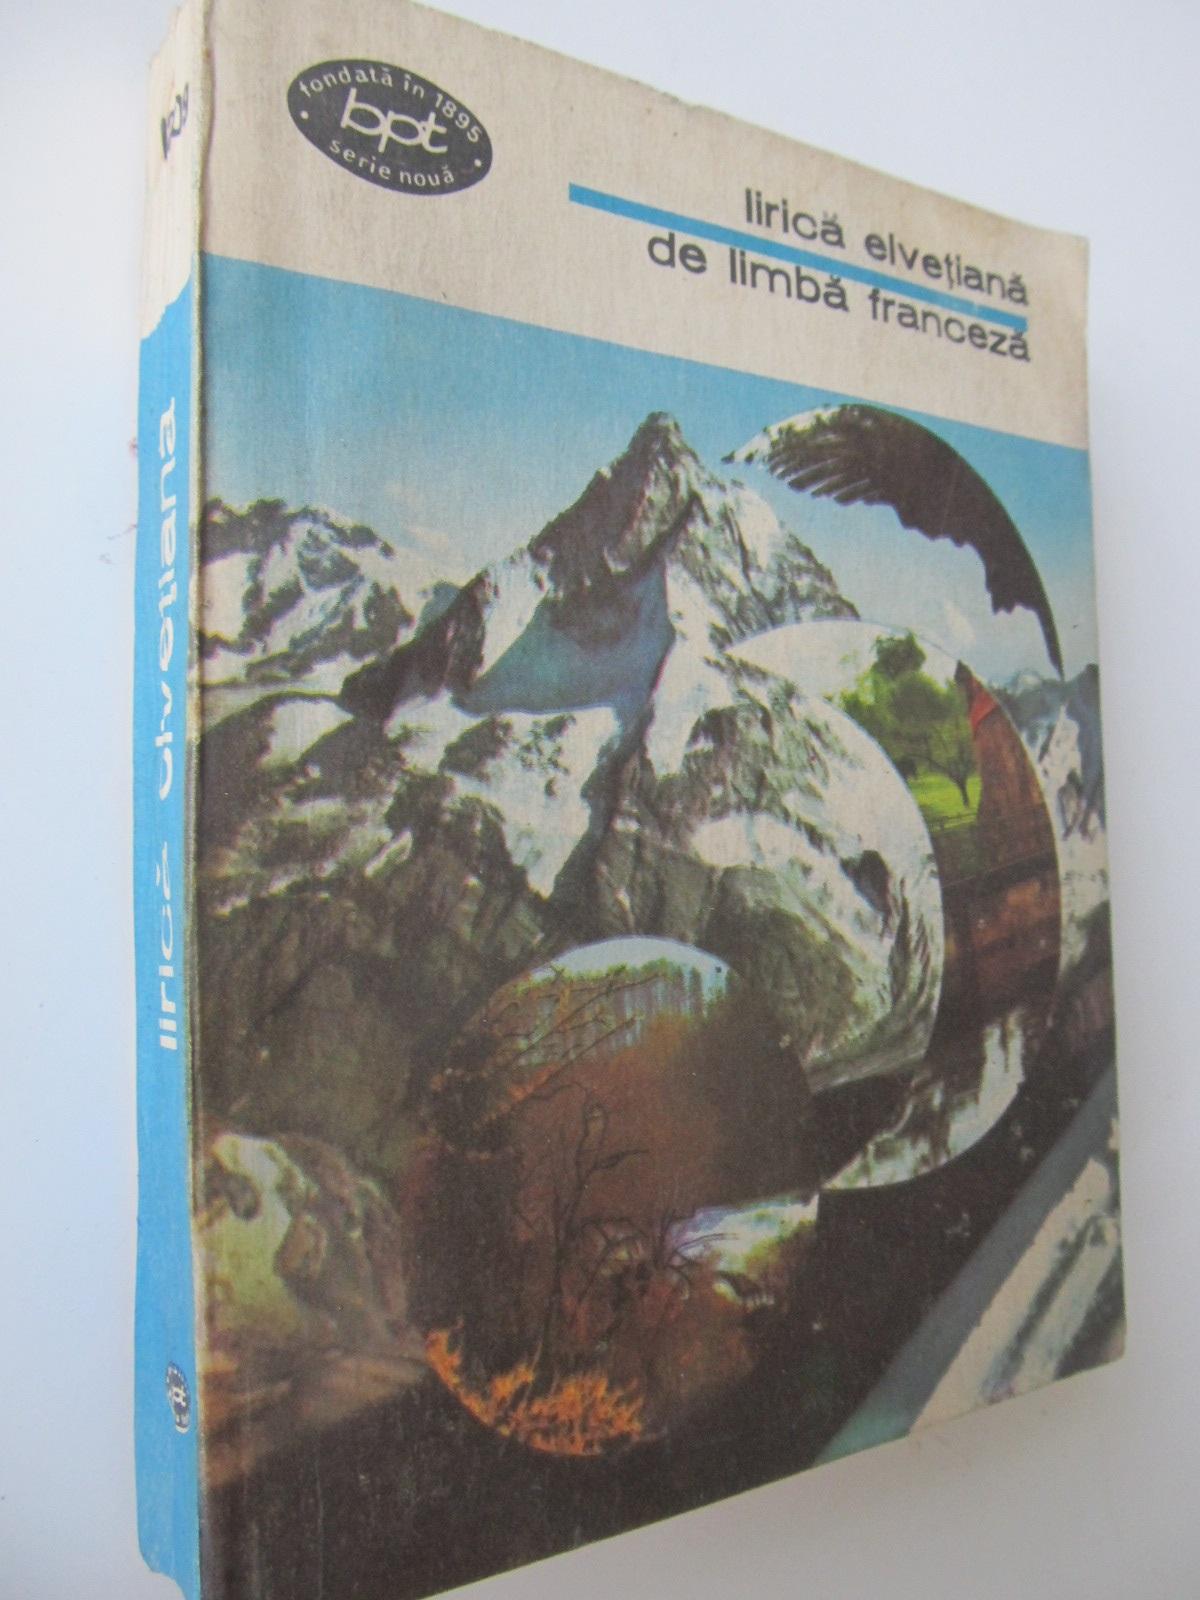 Carte Lirica elvetiana de limba franceza - ***